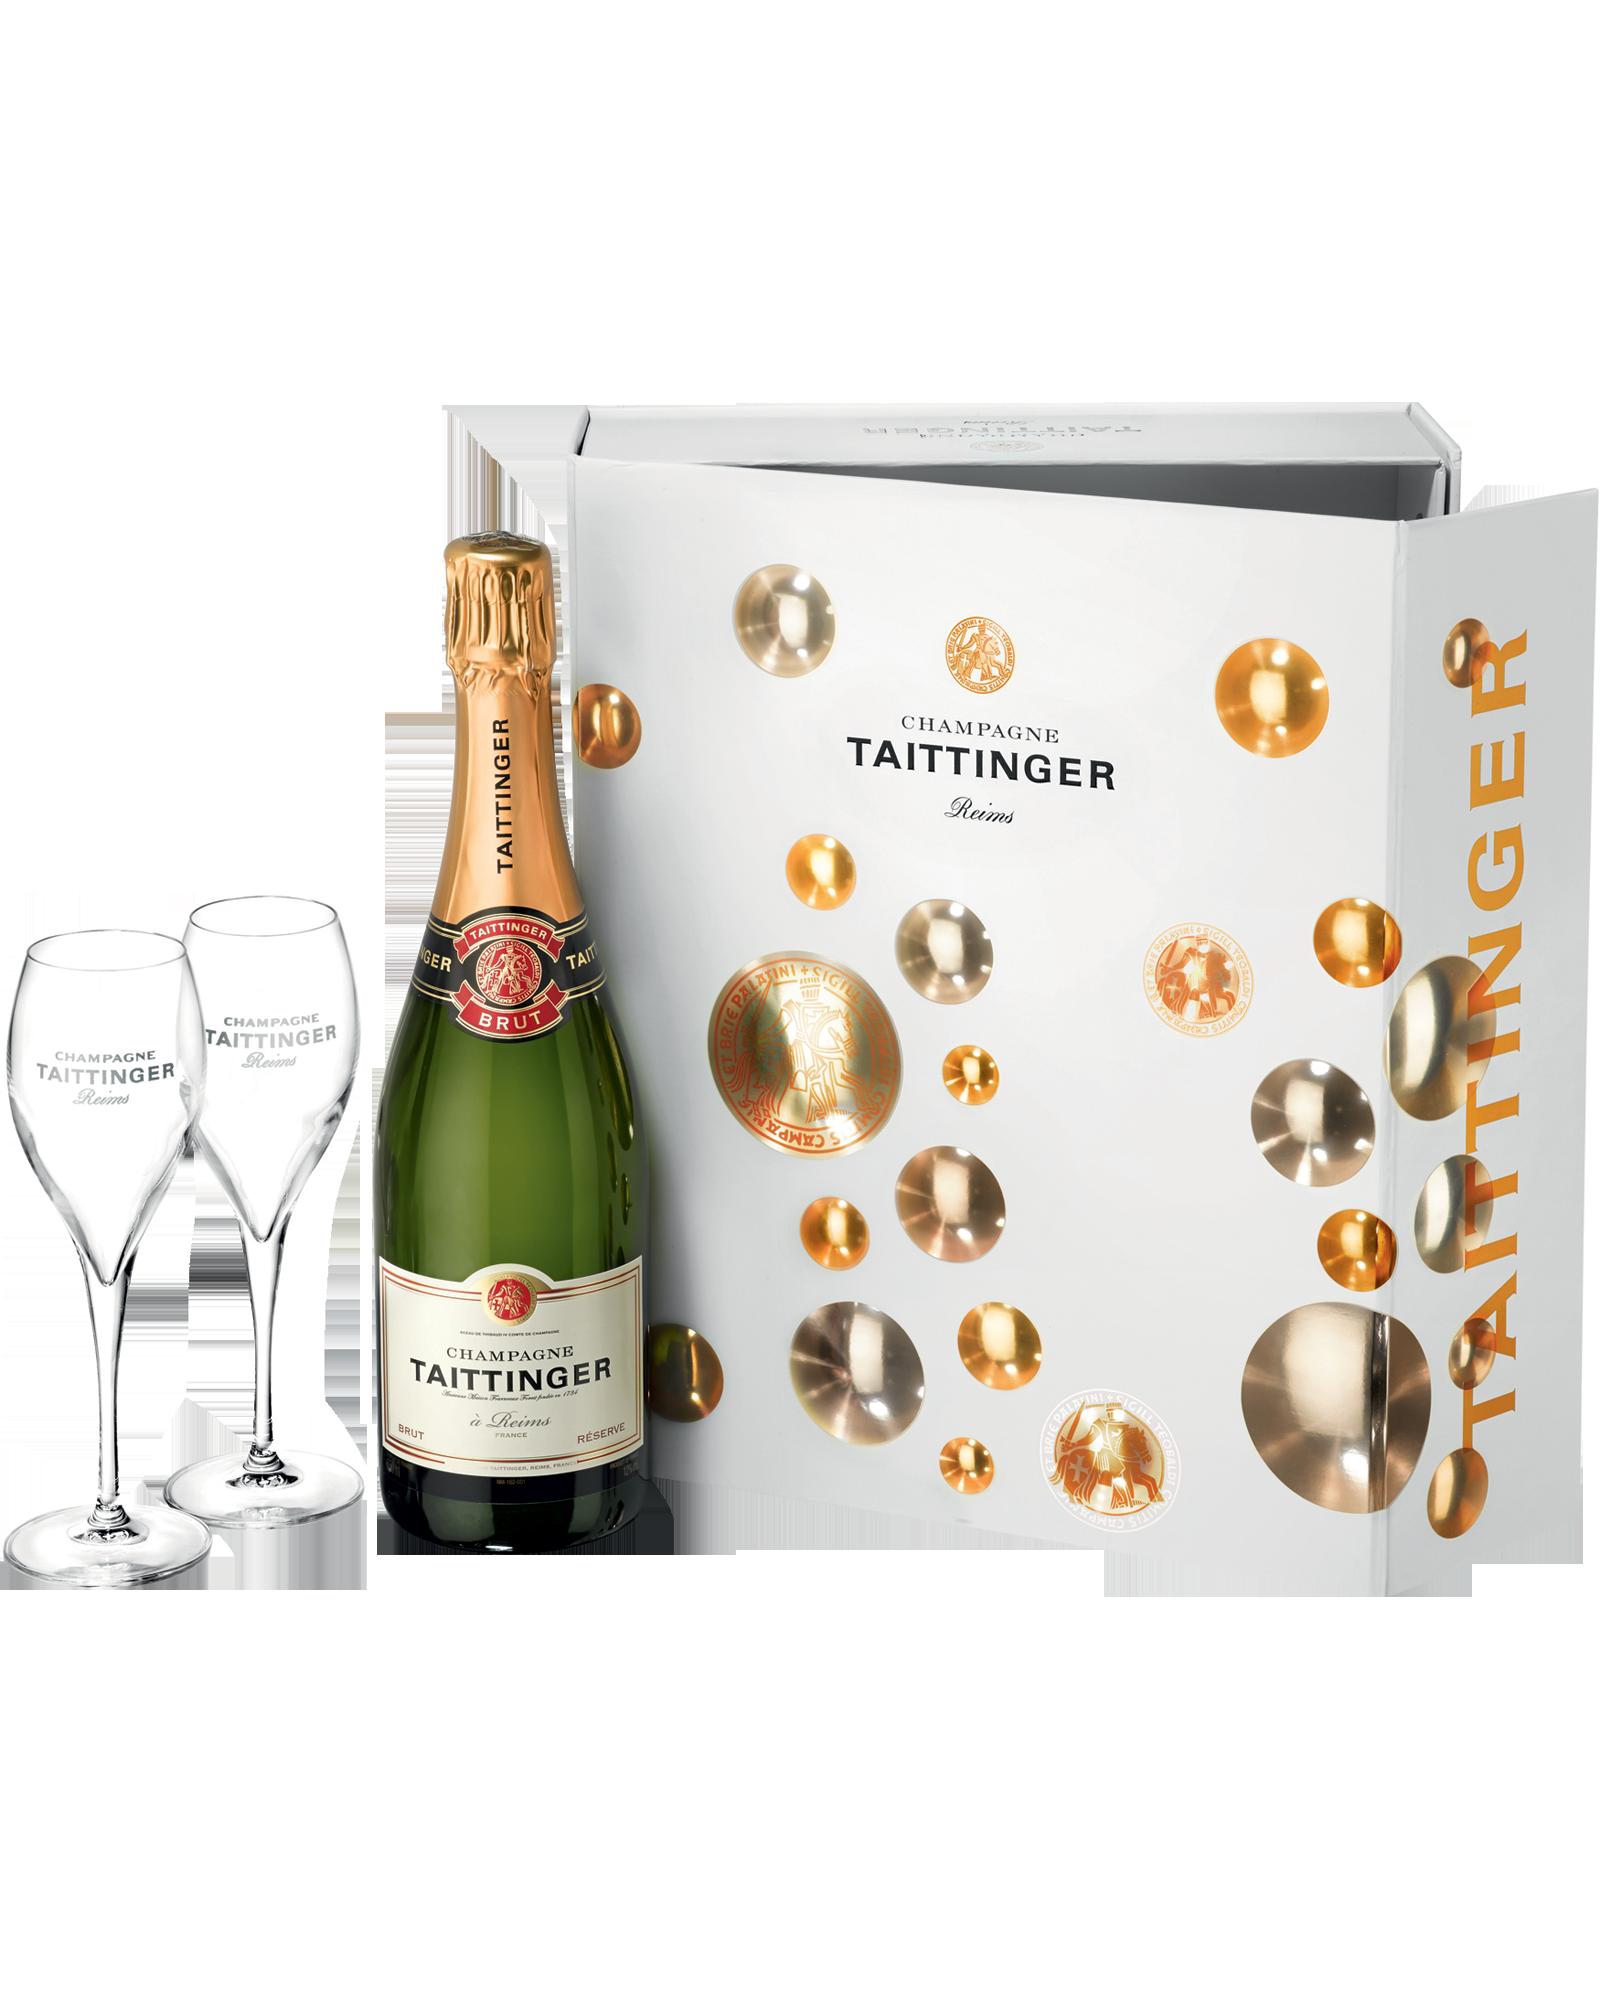 Estuche de champán Taittinger que viene con dos copas, de El Hórreo de V. Suárez.